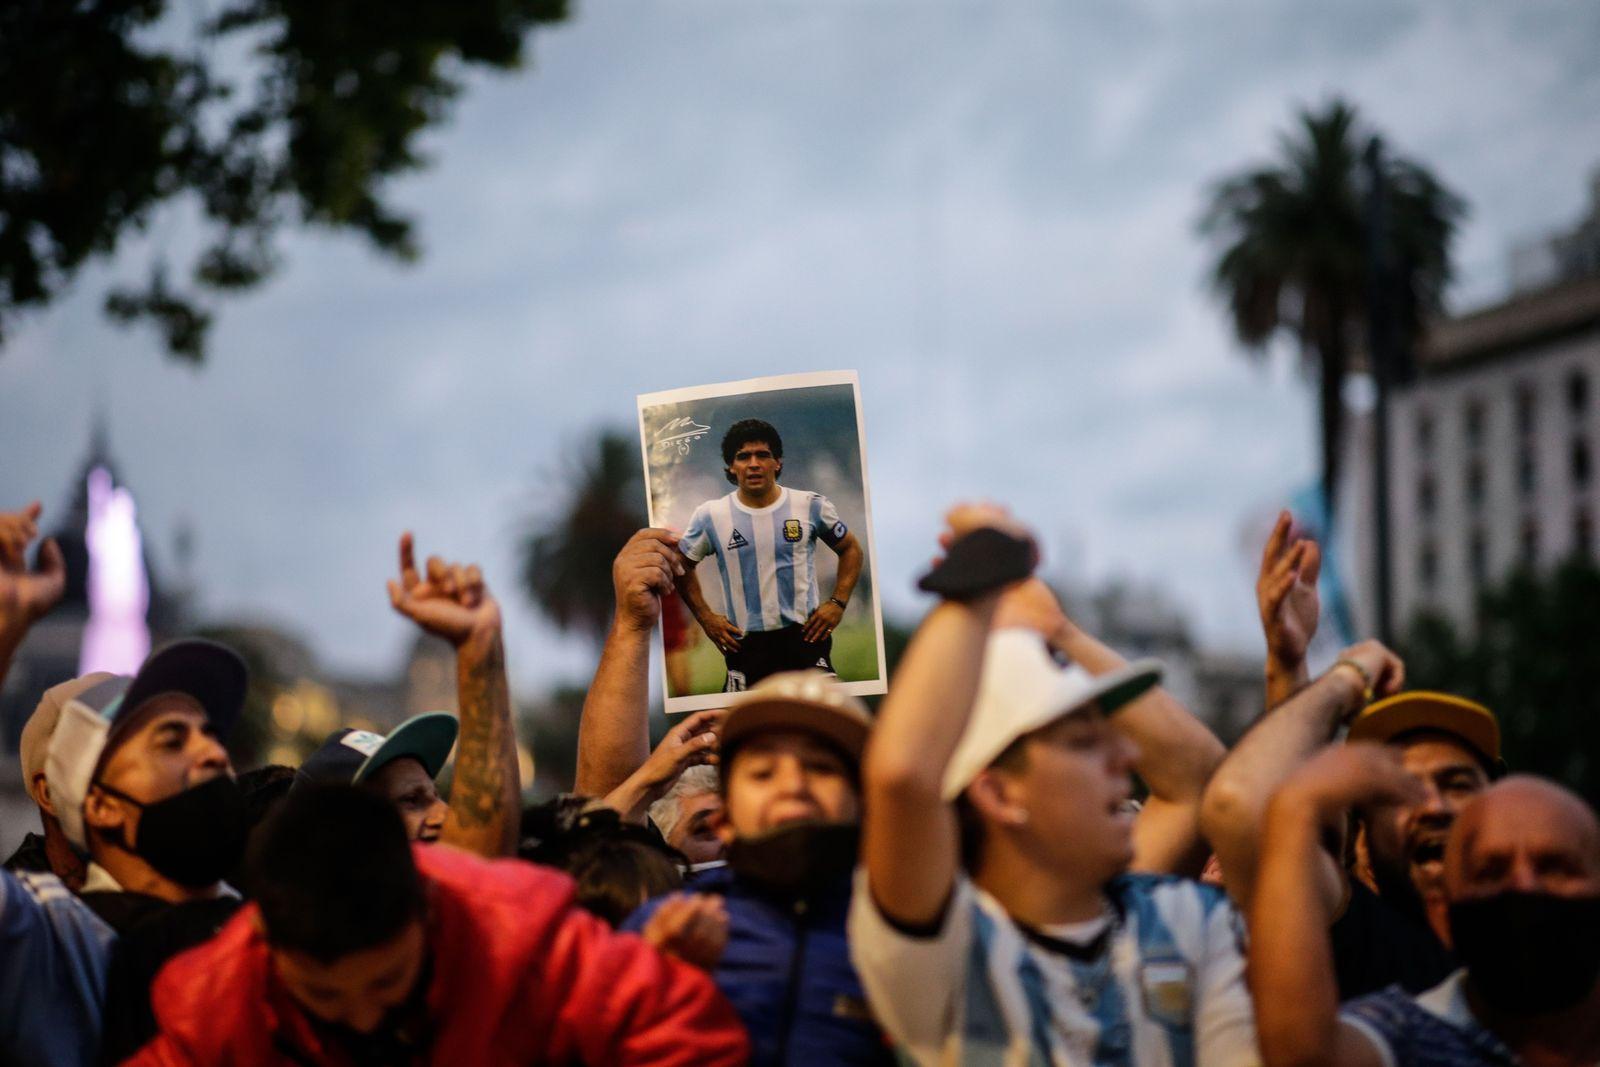 Maradona's funeral chapel at Casa Rosada in Buenos Aires, Argentina - 26 Nov 2020